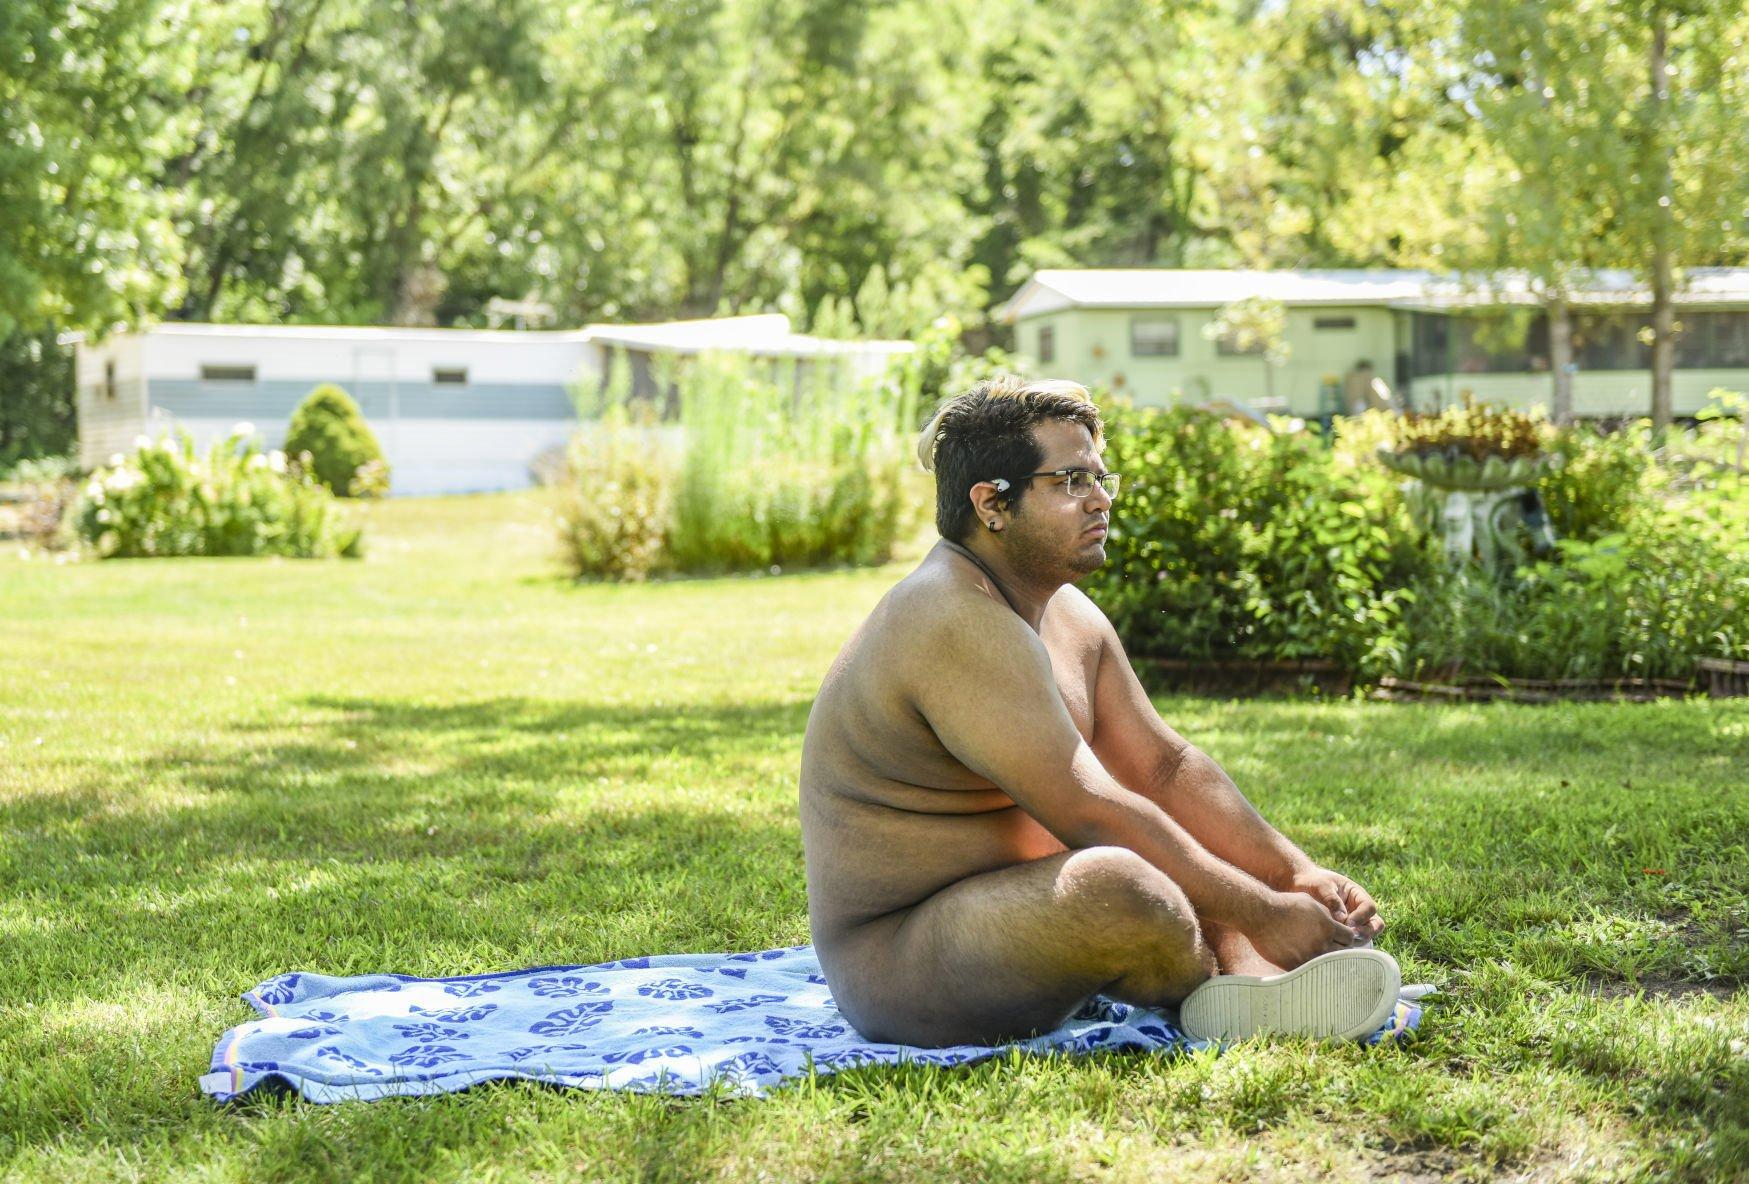 Nude mature women nudist camp